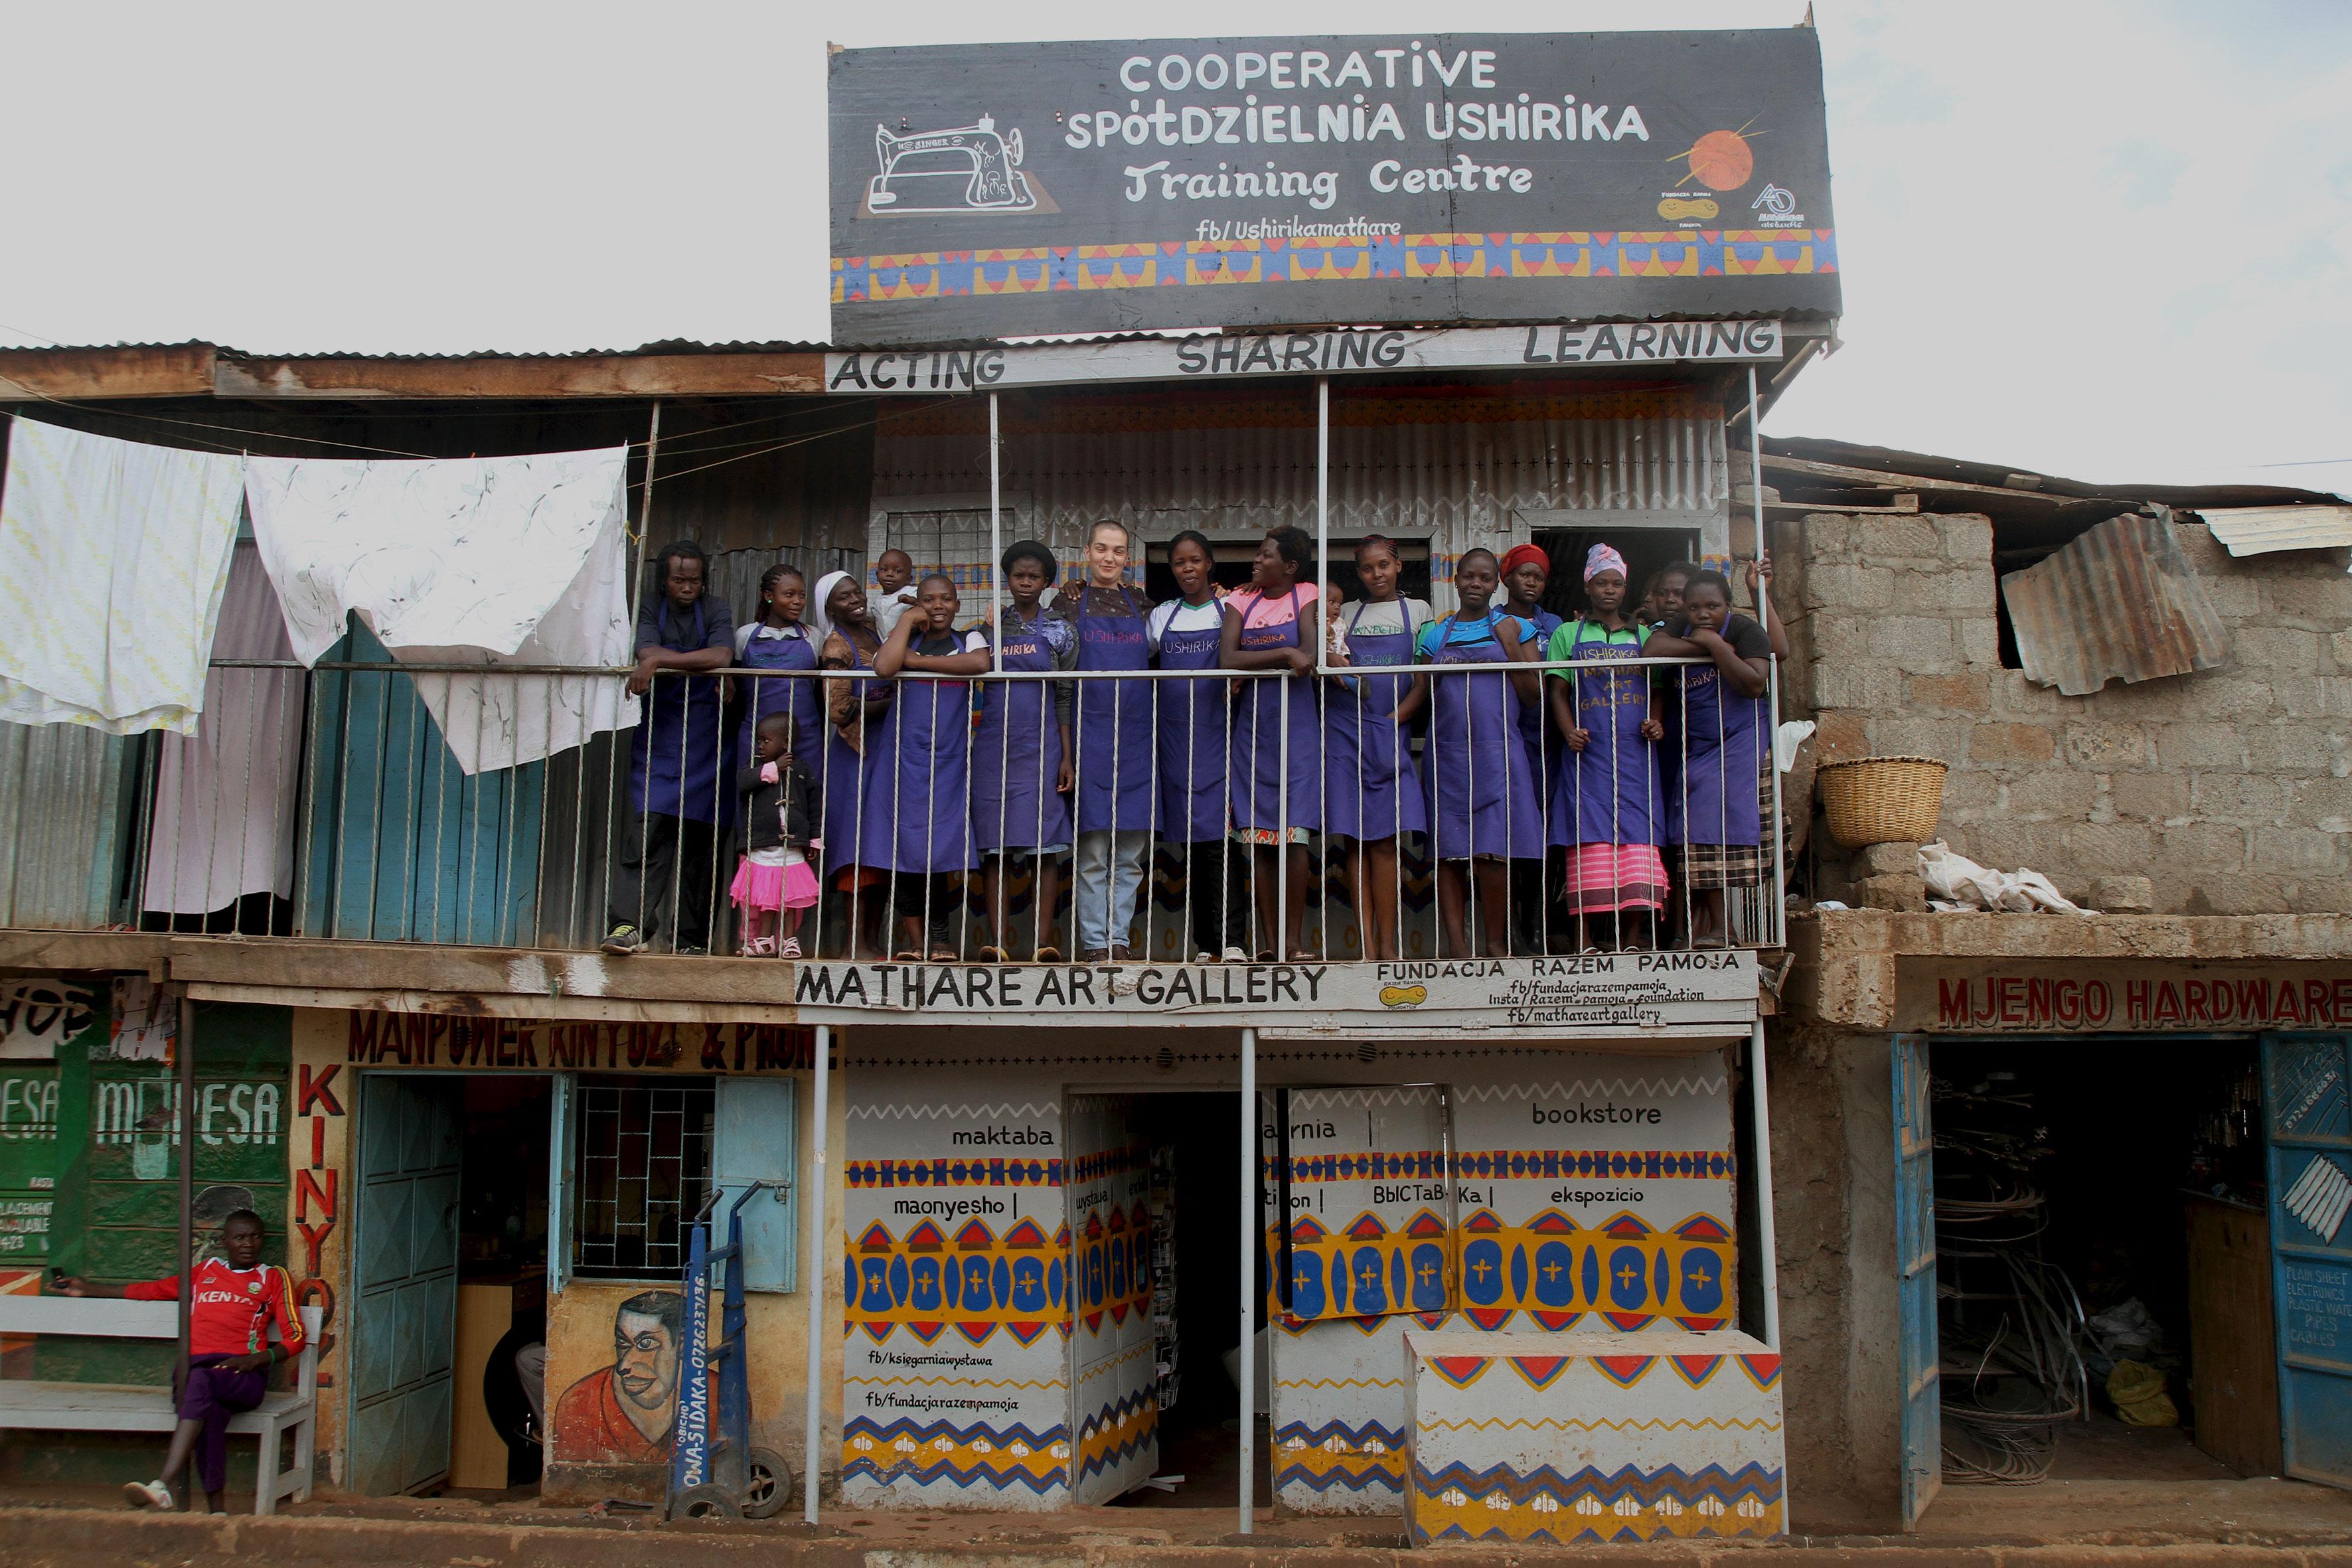 Polska artystka Alicja Wysocka pracuje z grupą kobiet z dzielnicy slamsów Mathare w Nairobi. Spółdzielnia USHIRIKA szyje torby i buty, a ich dystrybucja w Europie pomaga przeżyć im w bardzo trudnych warunkach i rozwijać dalszą działalność. Fot. archiwum artystki (źródło: materiały prasowe organizatora)